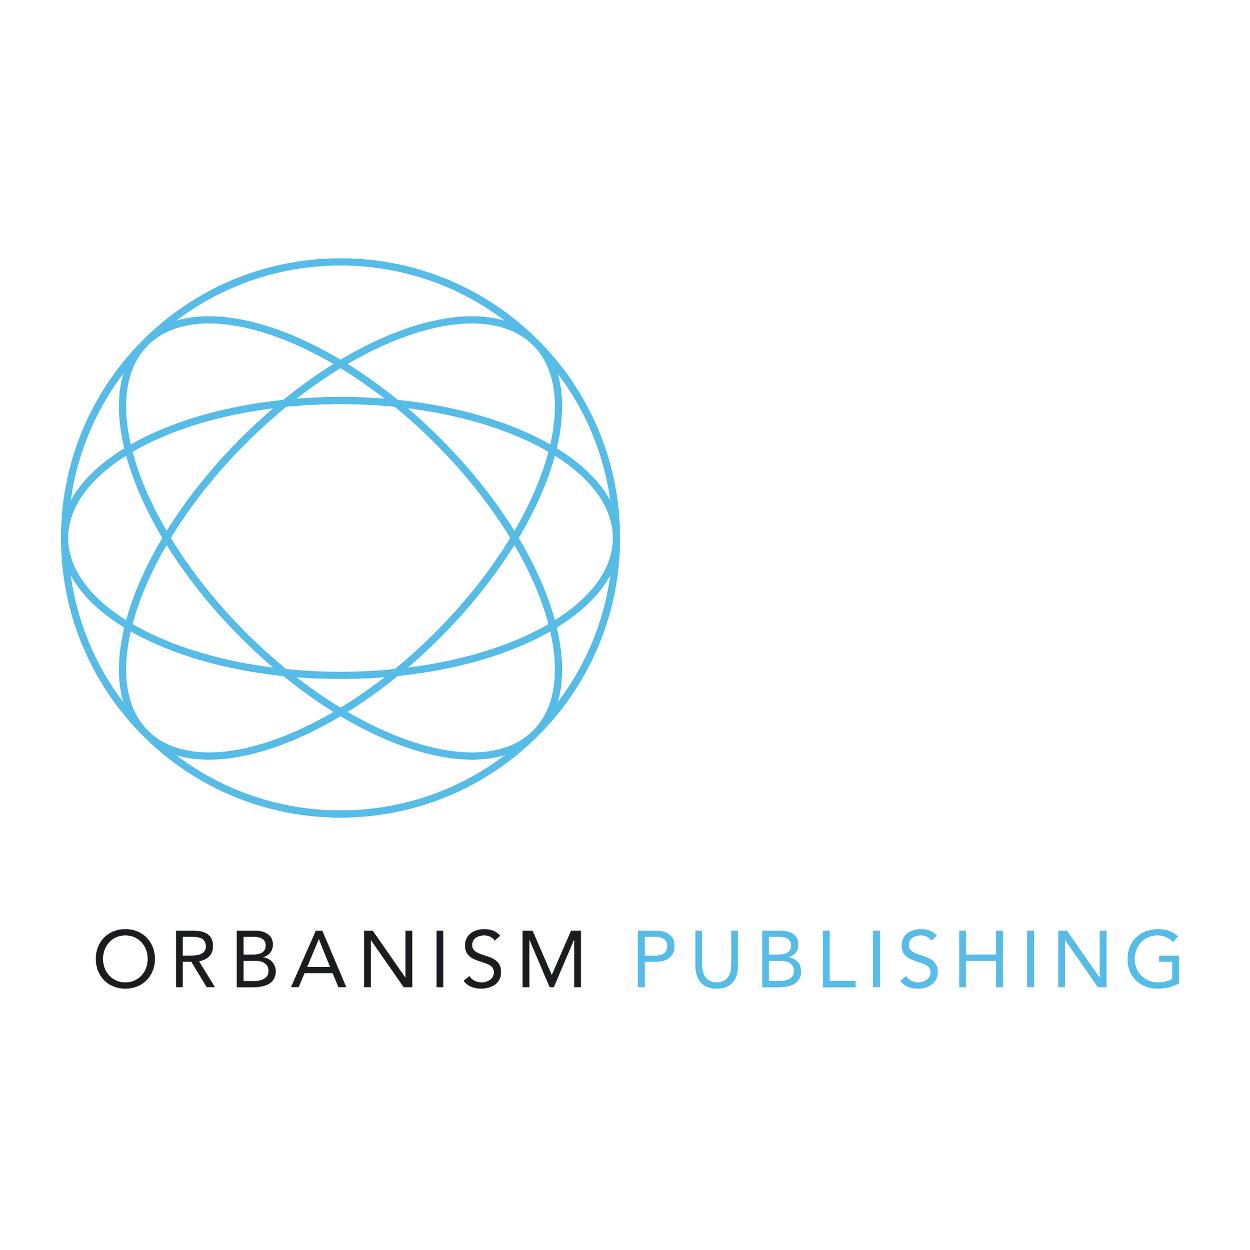 ORBANISM PUBLISHING